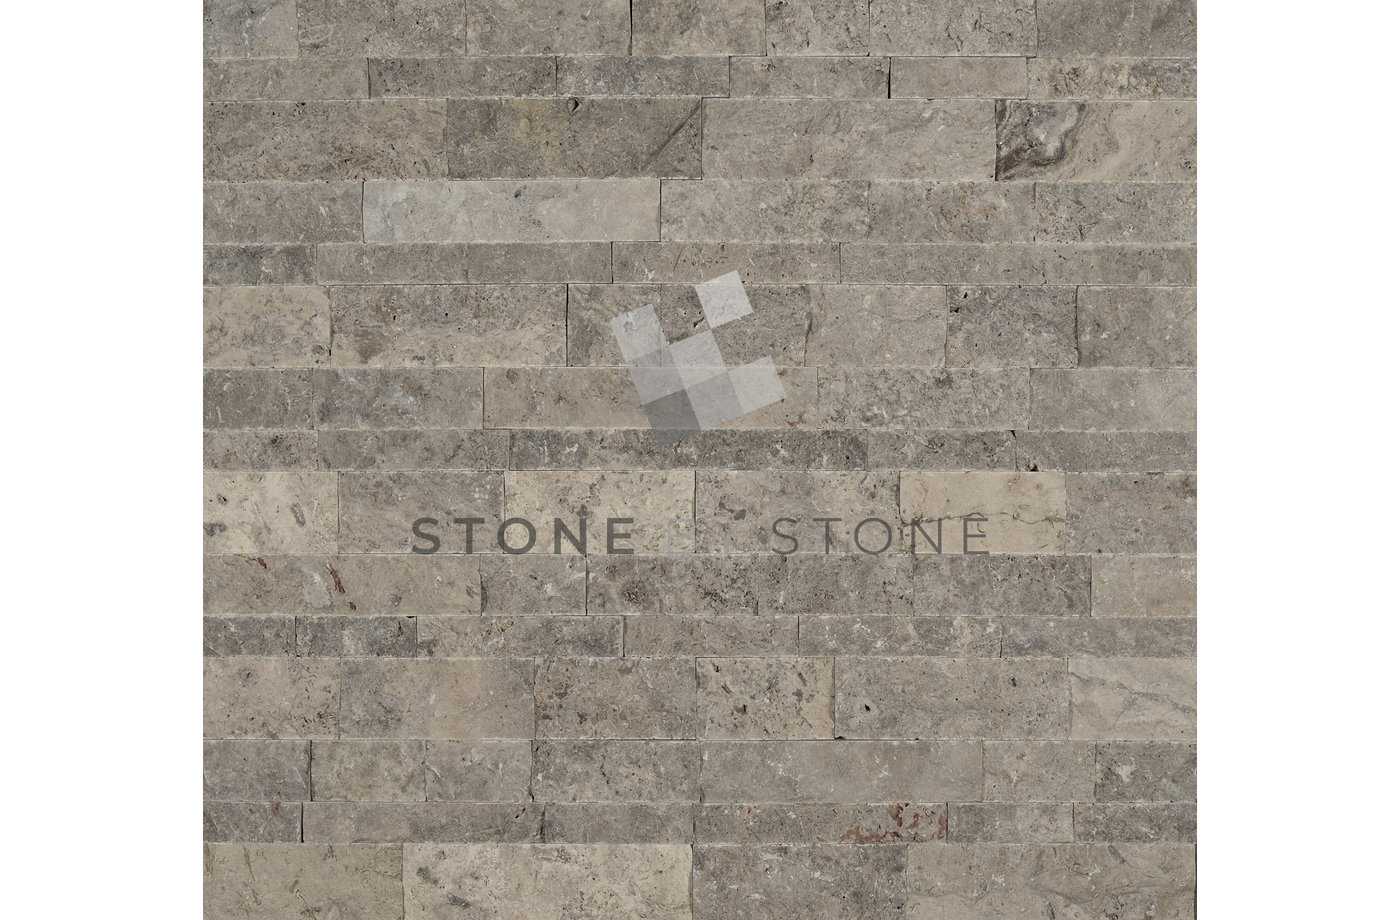 Mosaïque Murale Split Face Beige | Stone By Stone, Parement Mural